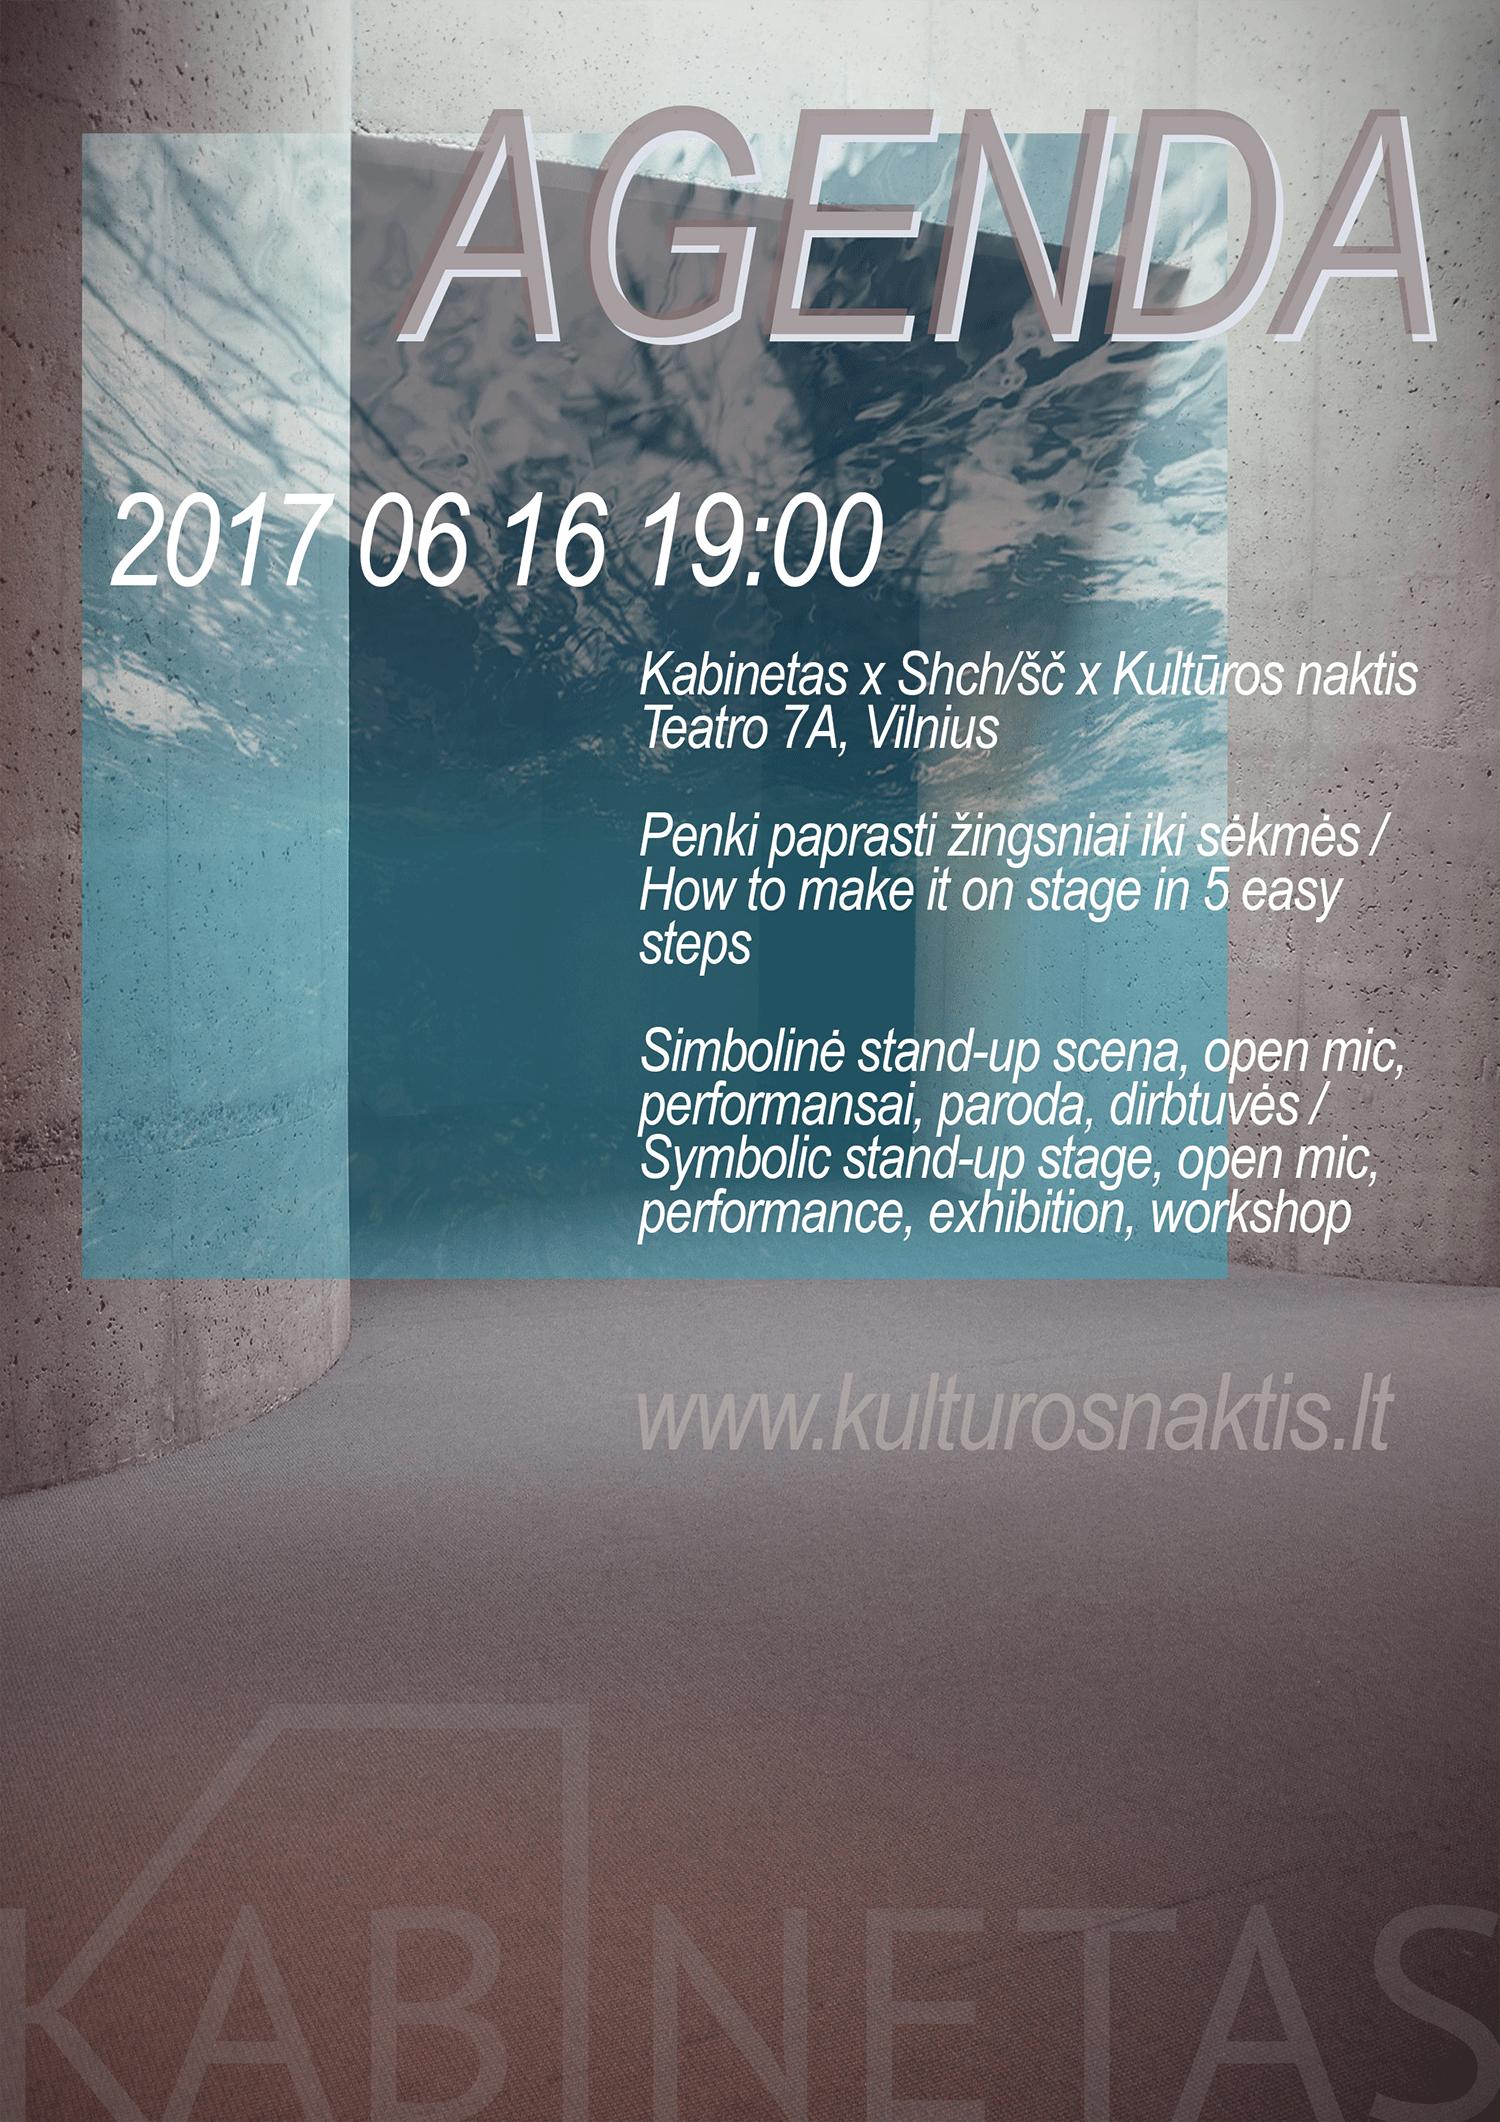 agenda-2017-06